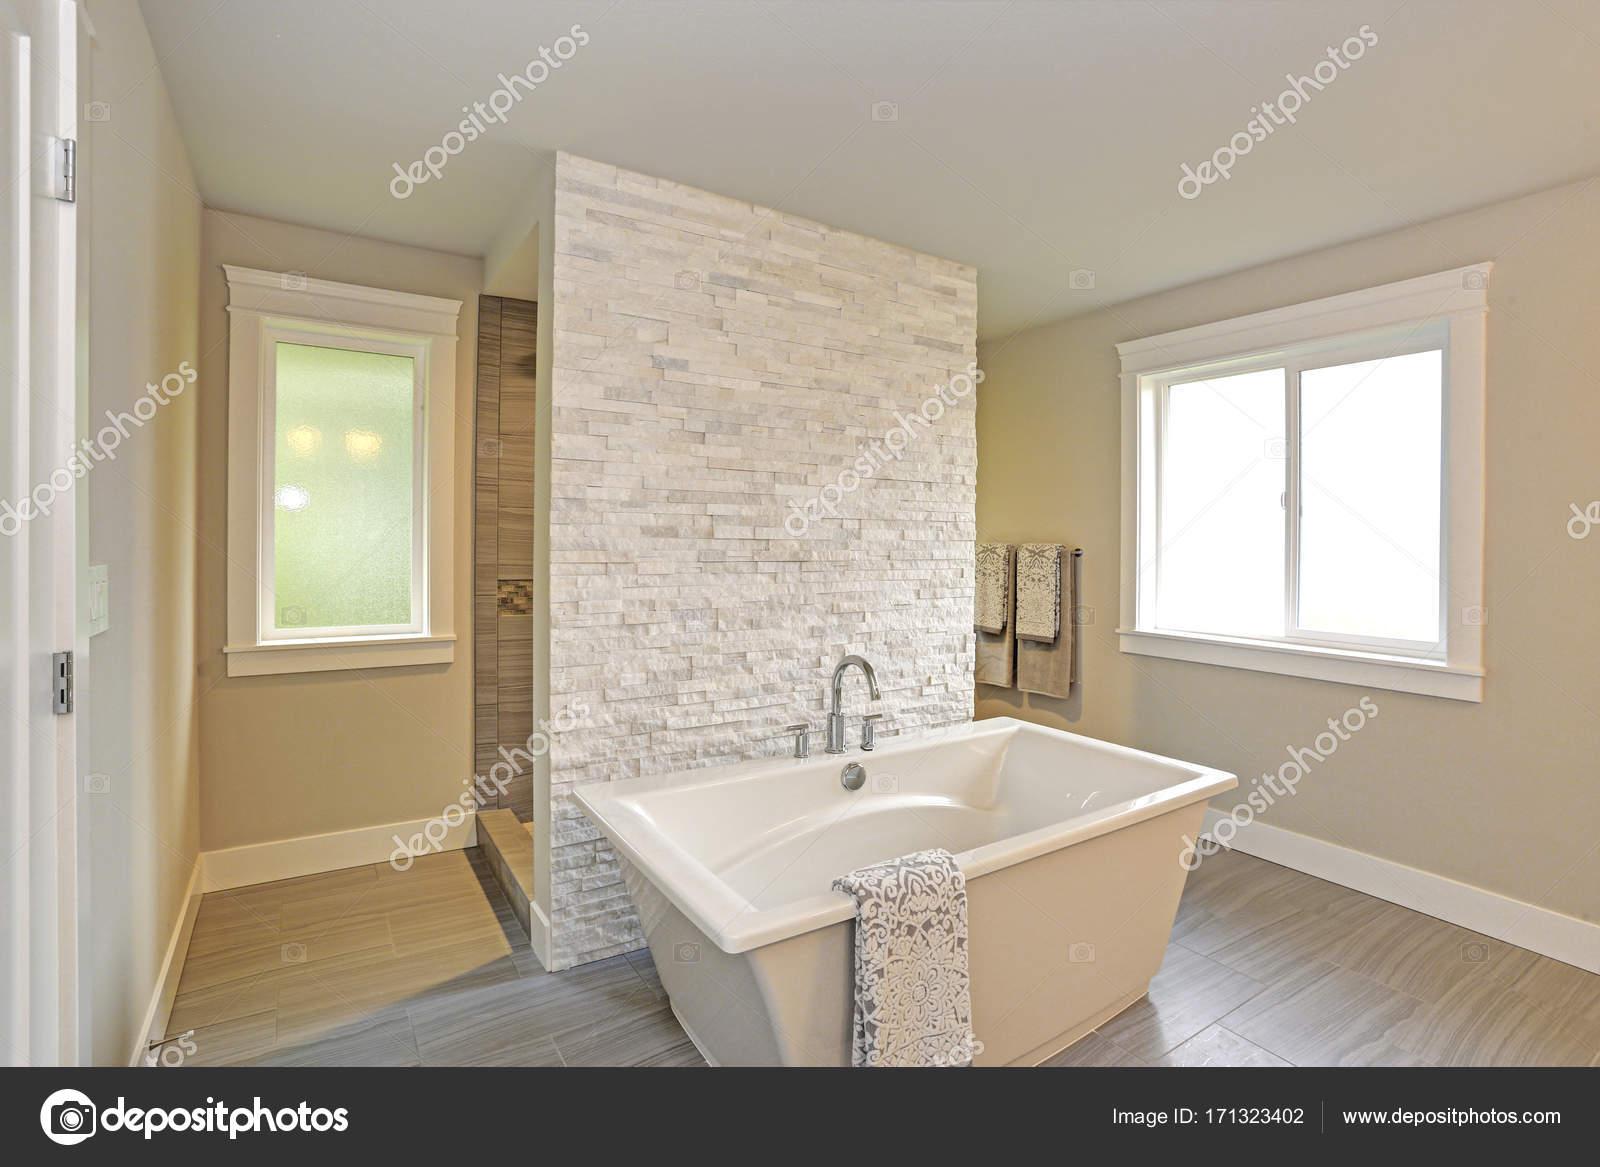 Vanity Bad Mit Freistehender Badewanne Photo Of Erstaunlich, Master-bad — Stockfoto